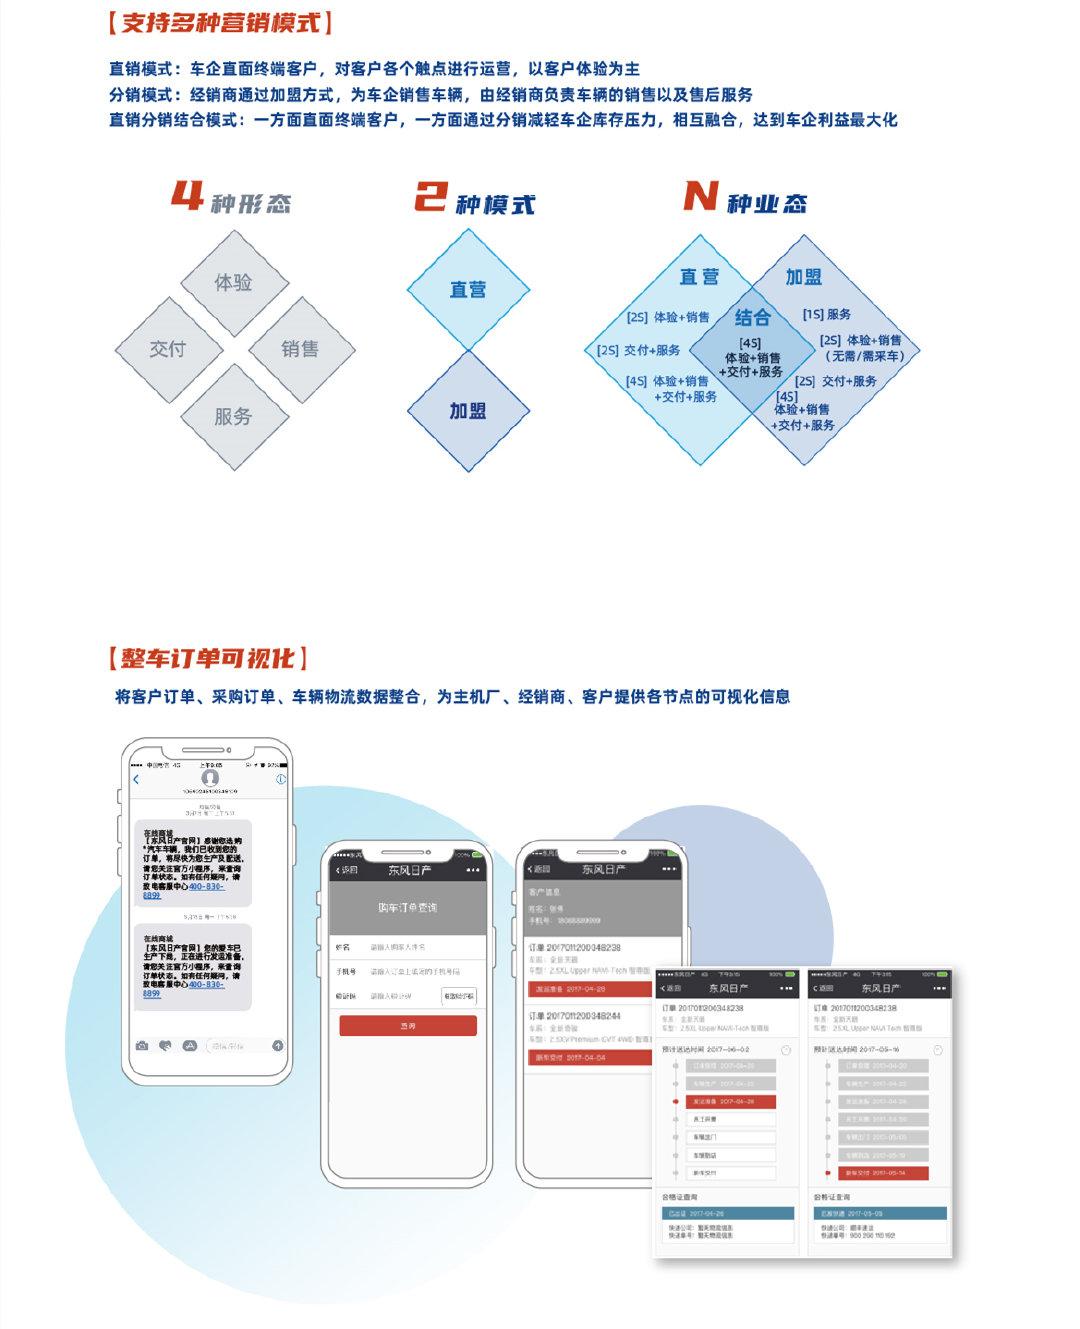 联友智擎DMS产品特点之整车订单可视化